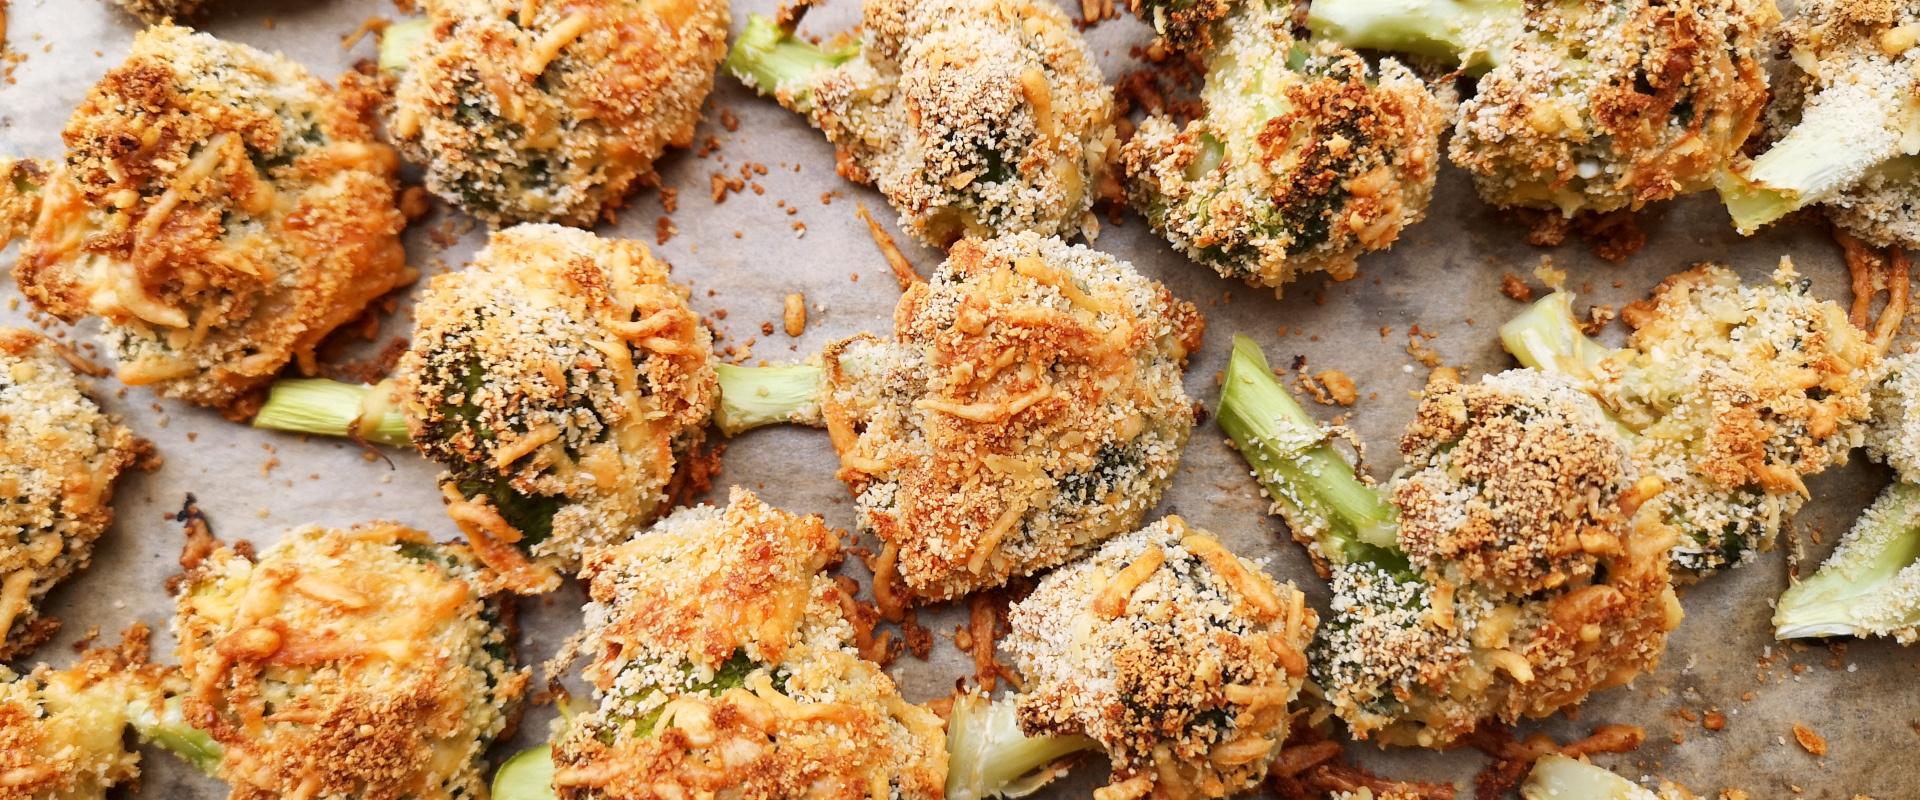 sütőben sült brokkoli cover